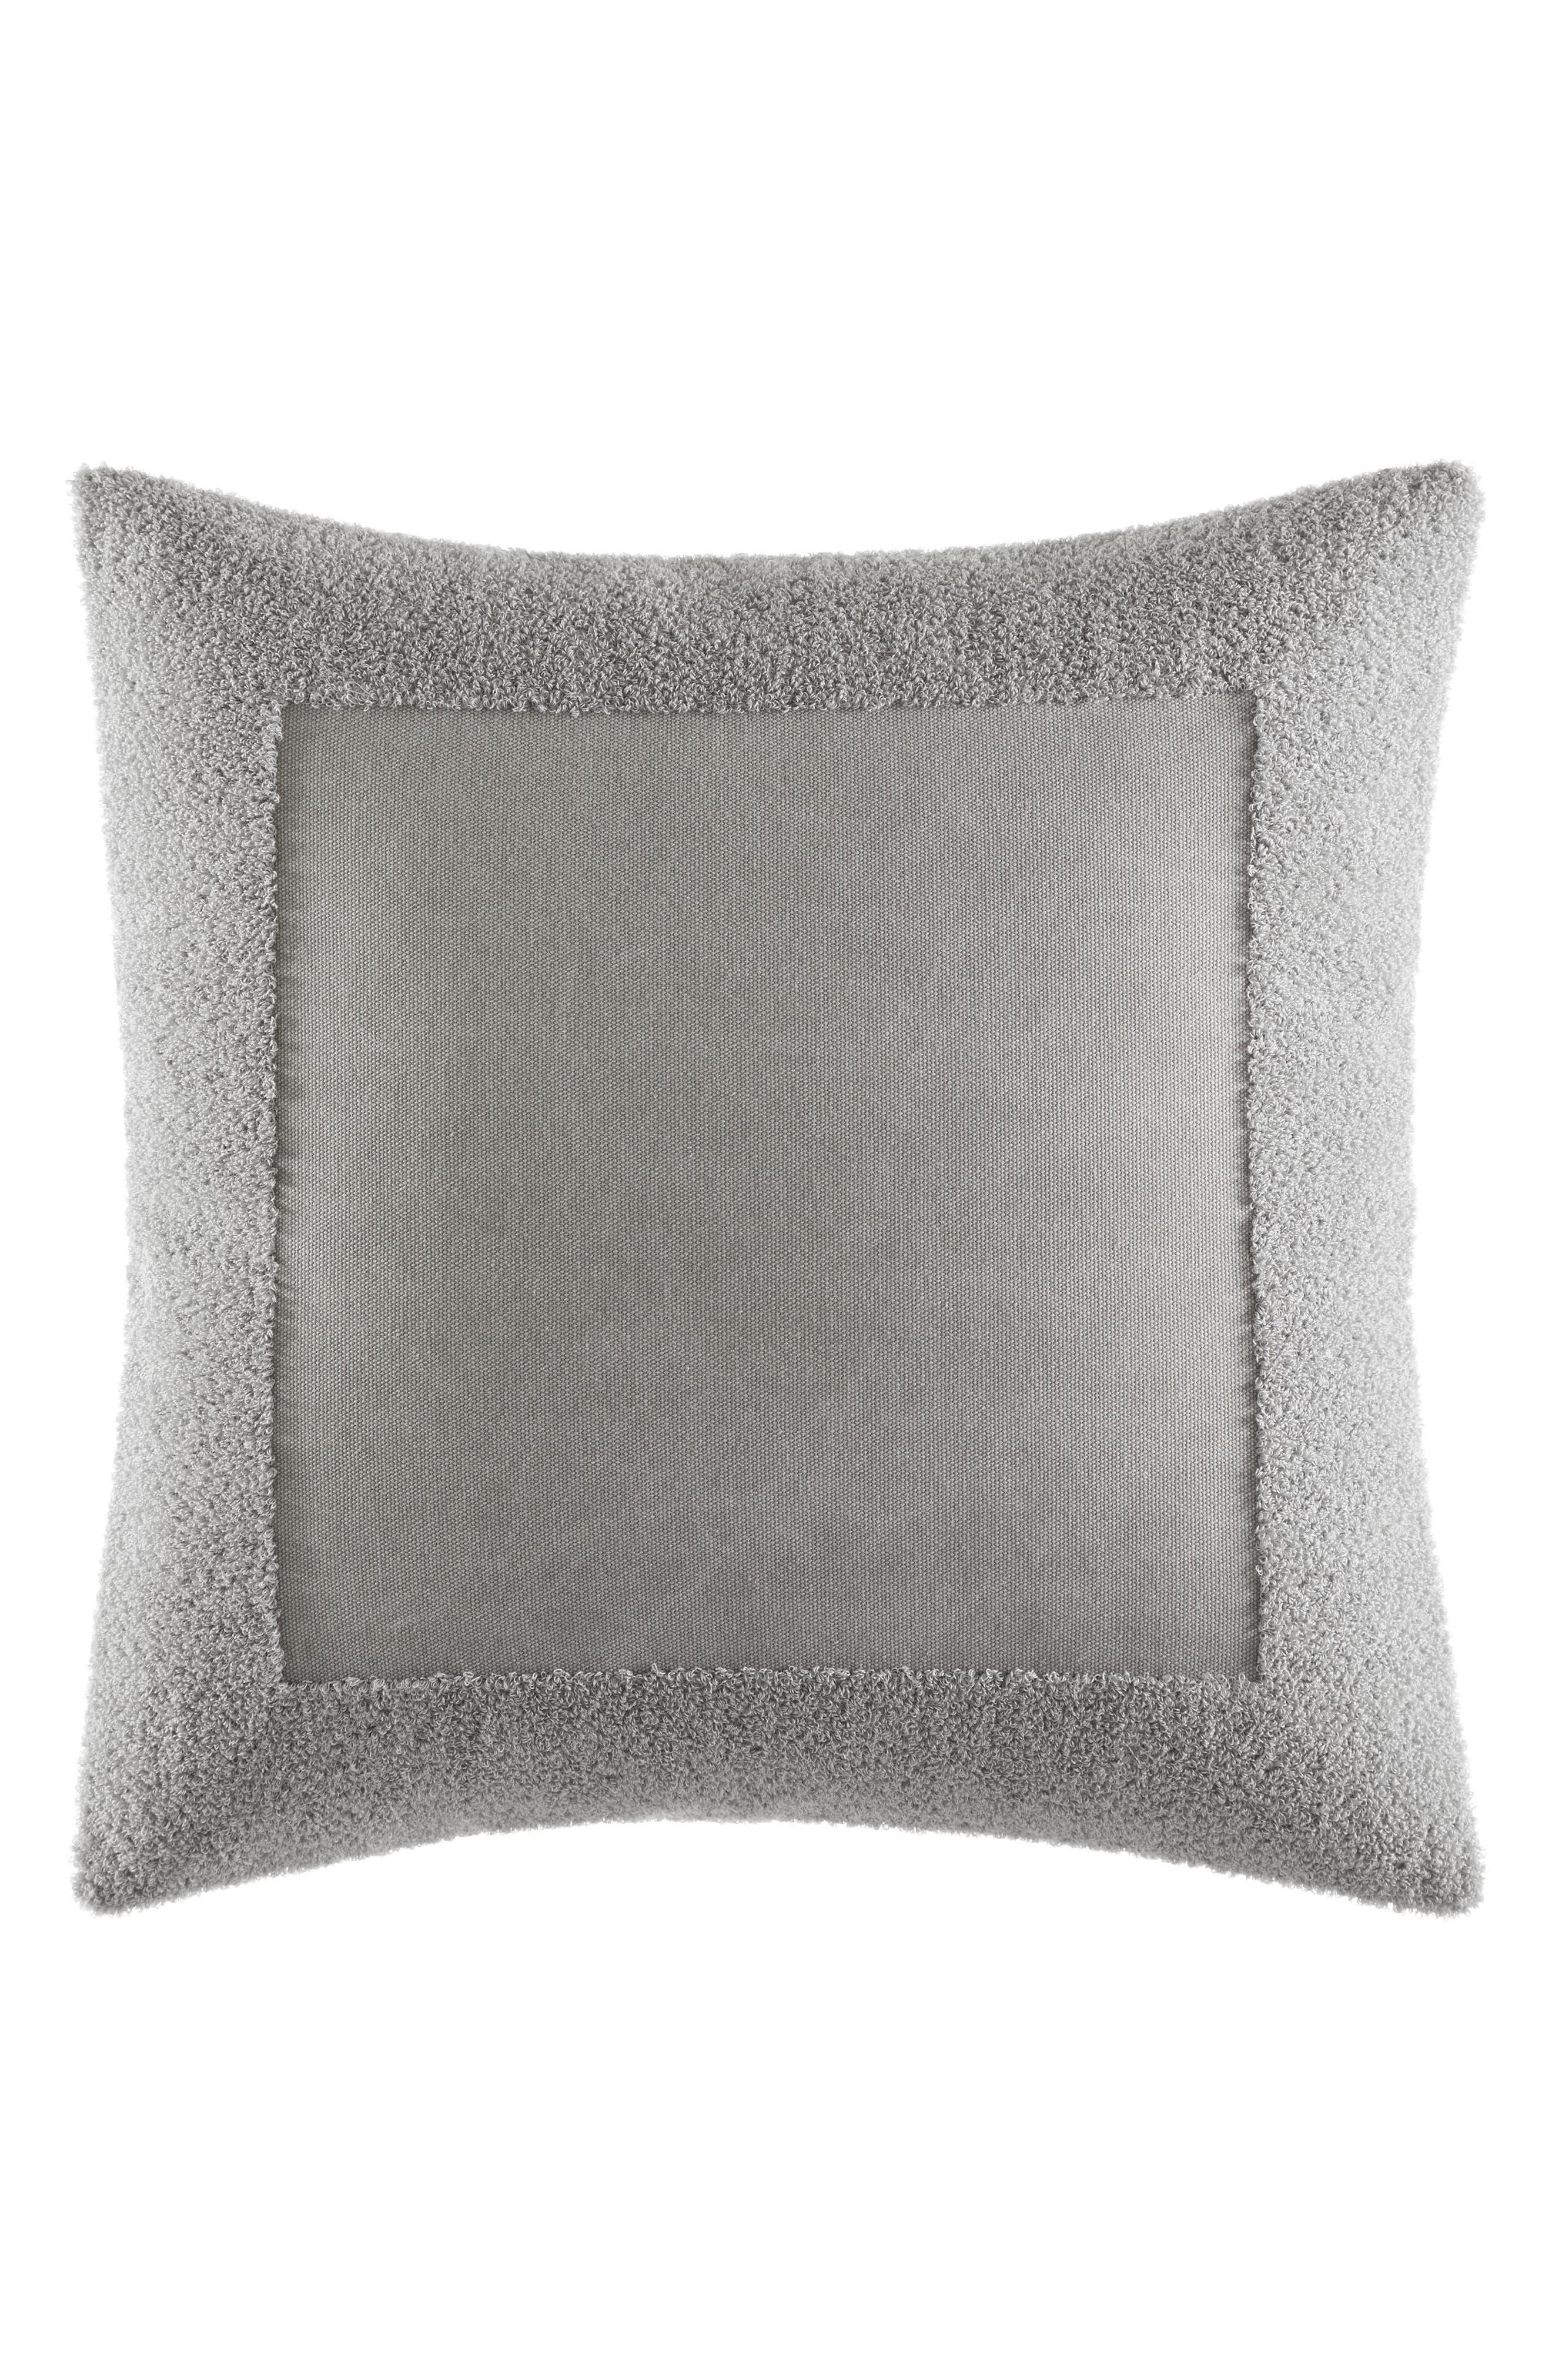 Transparent Leaves Accent Pillow,                             Main thumbnail 1, color,                             075